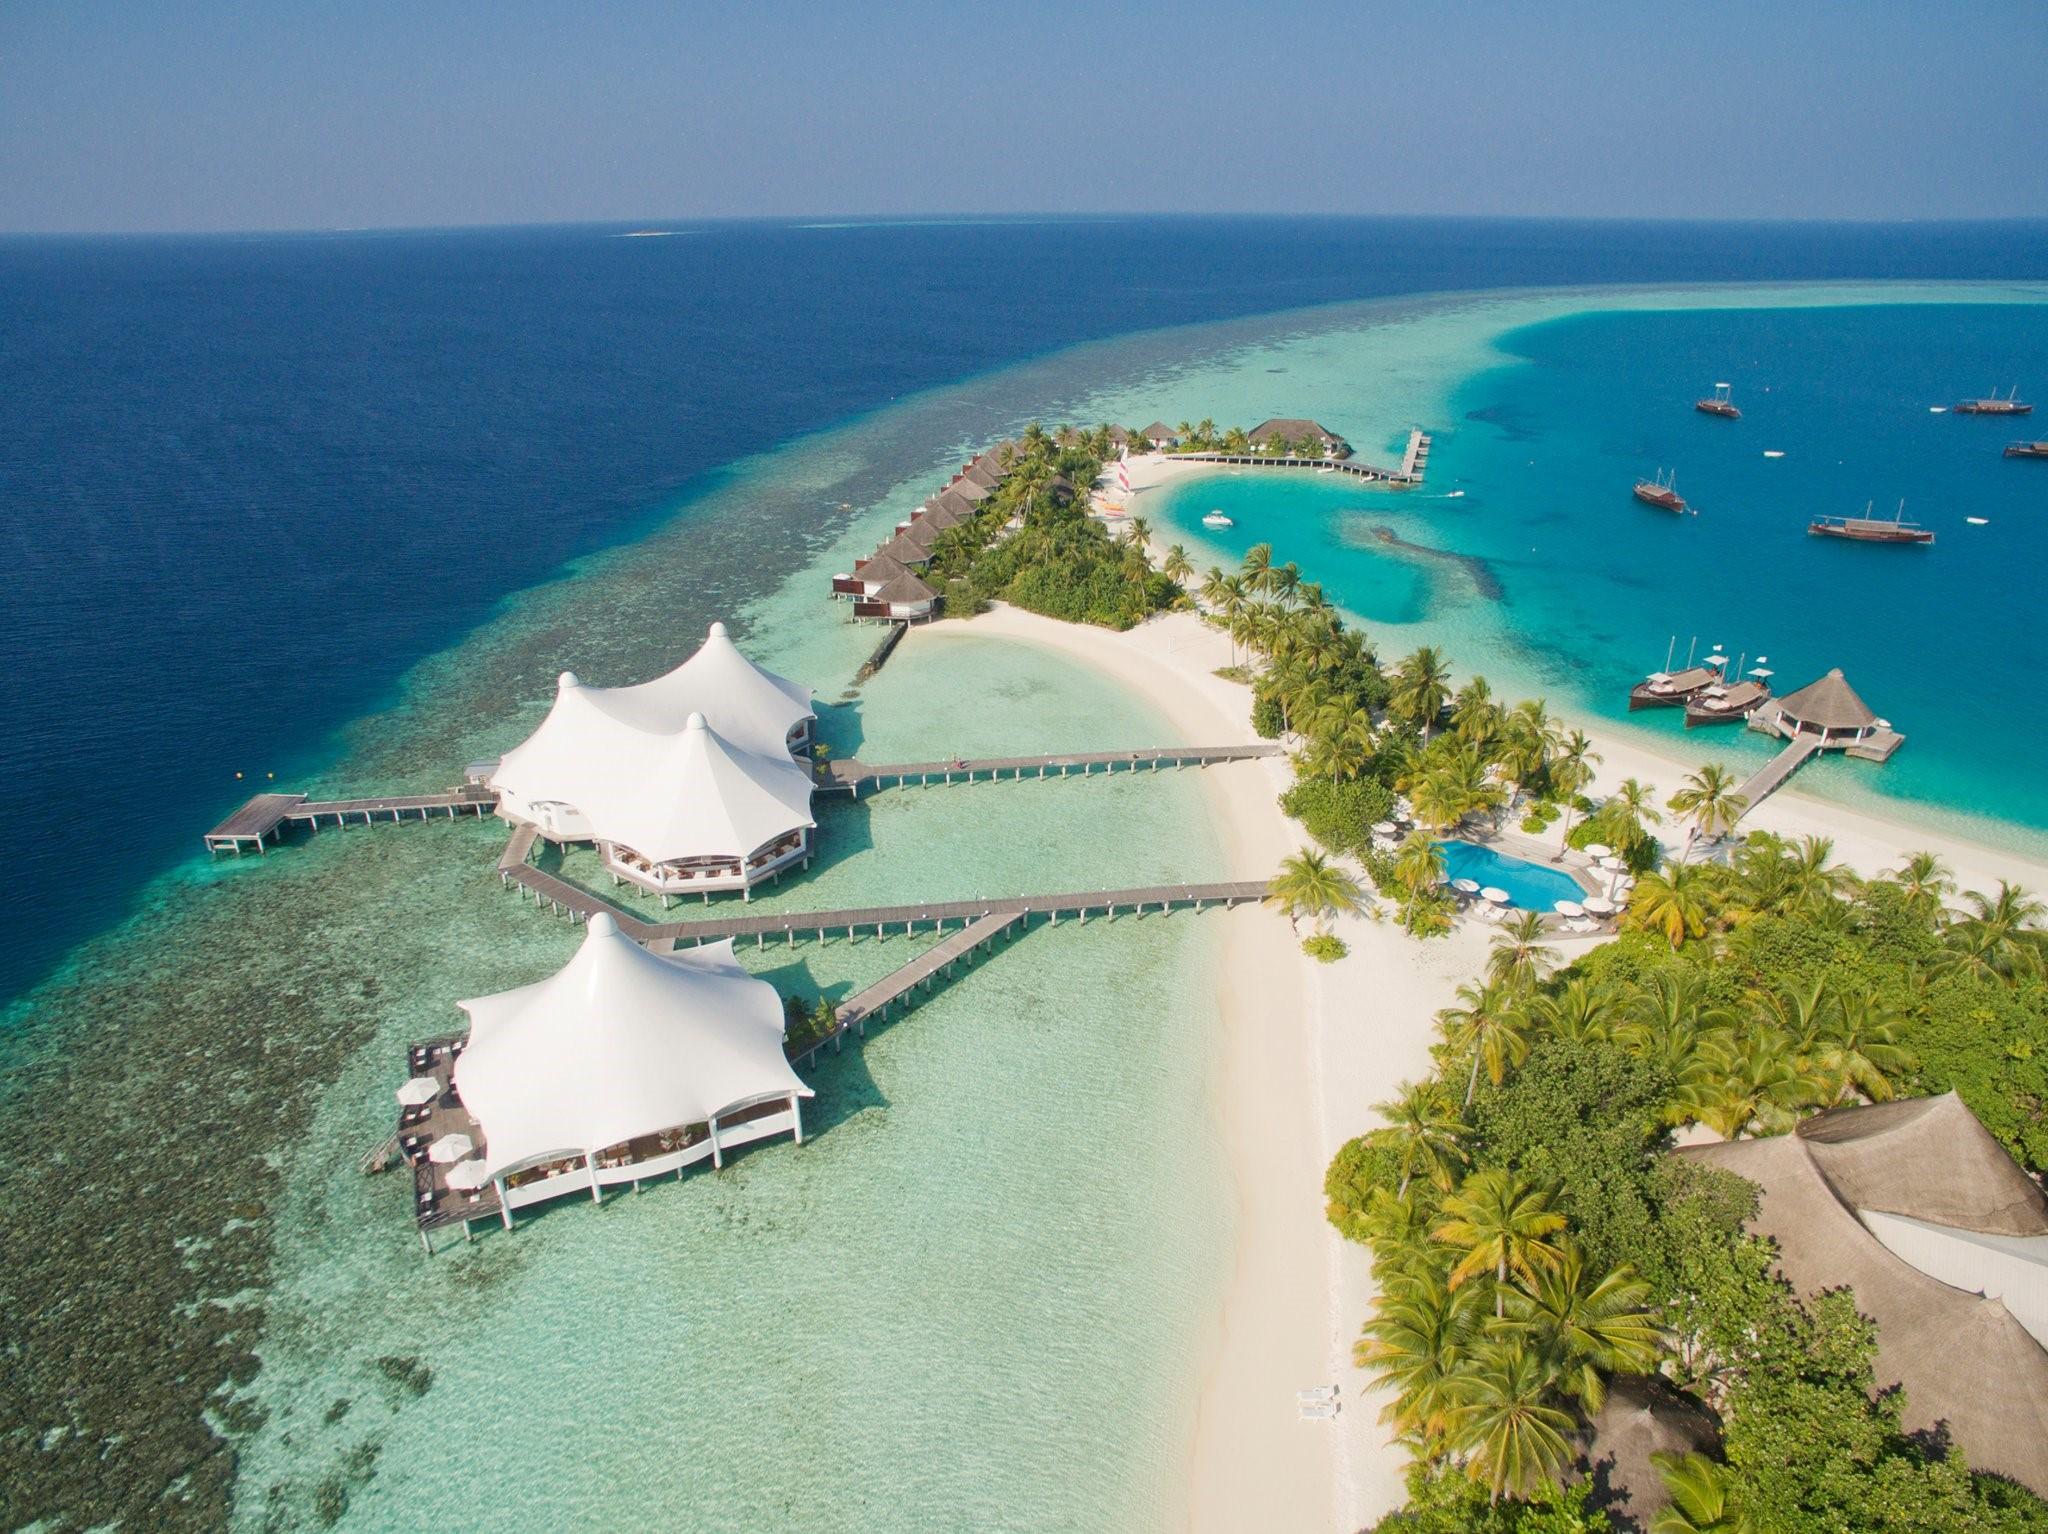 แพ็คเกจทัวร์มัลดีฟส์ Safari Island Resort & Spa 3วัน 2คืน